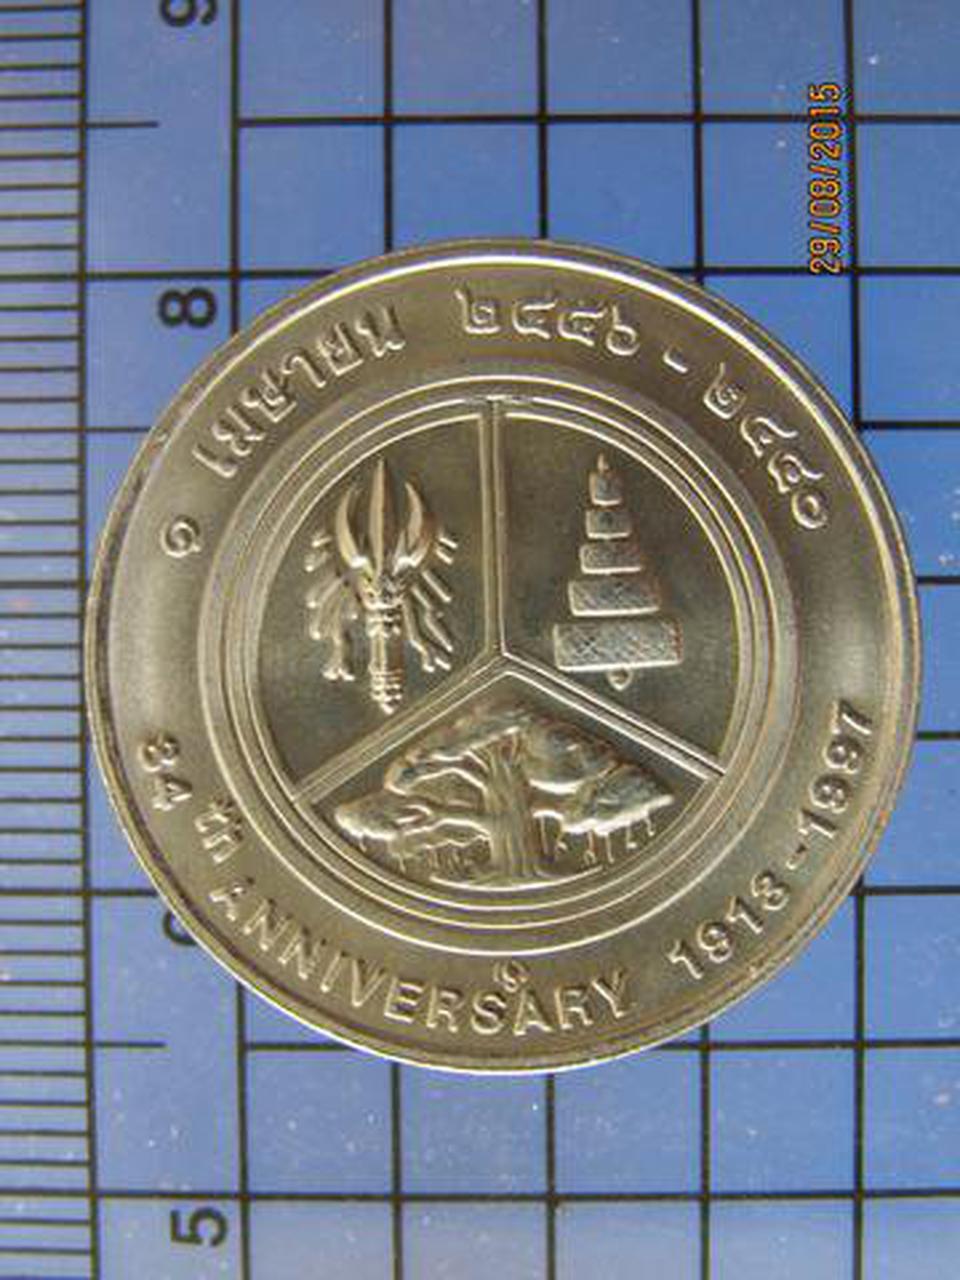 2599 เหรียญในหลวง ร.6 ผู้พระราชทานกำเนิดธนาคารออมสิน 1 เมย.2 รูปที่ 2